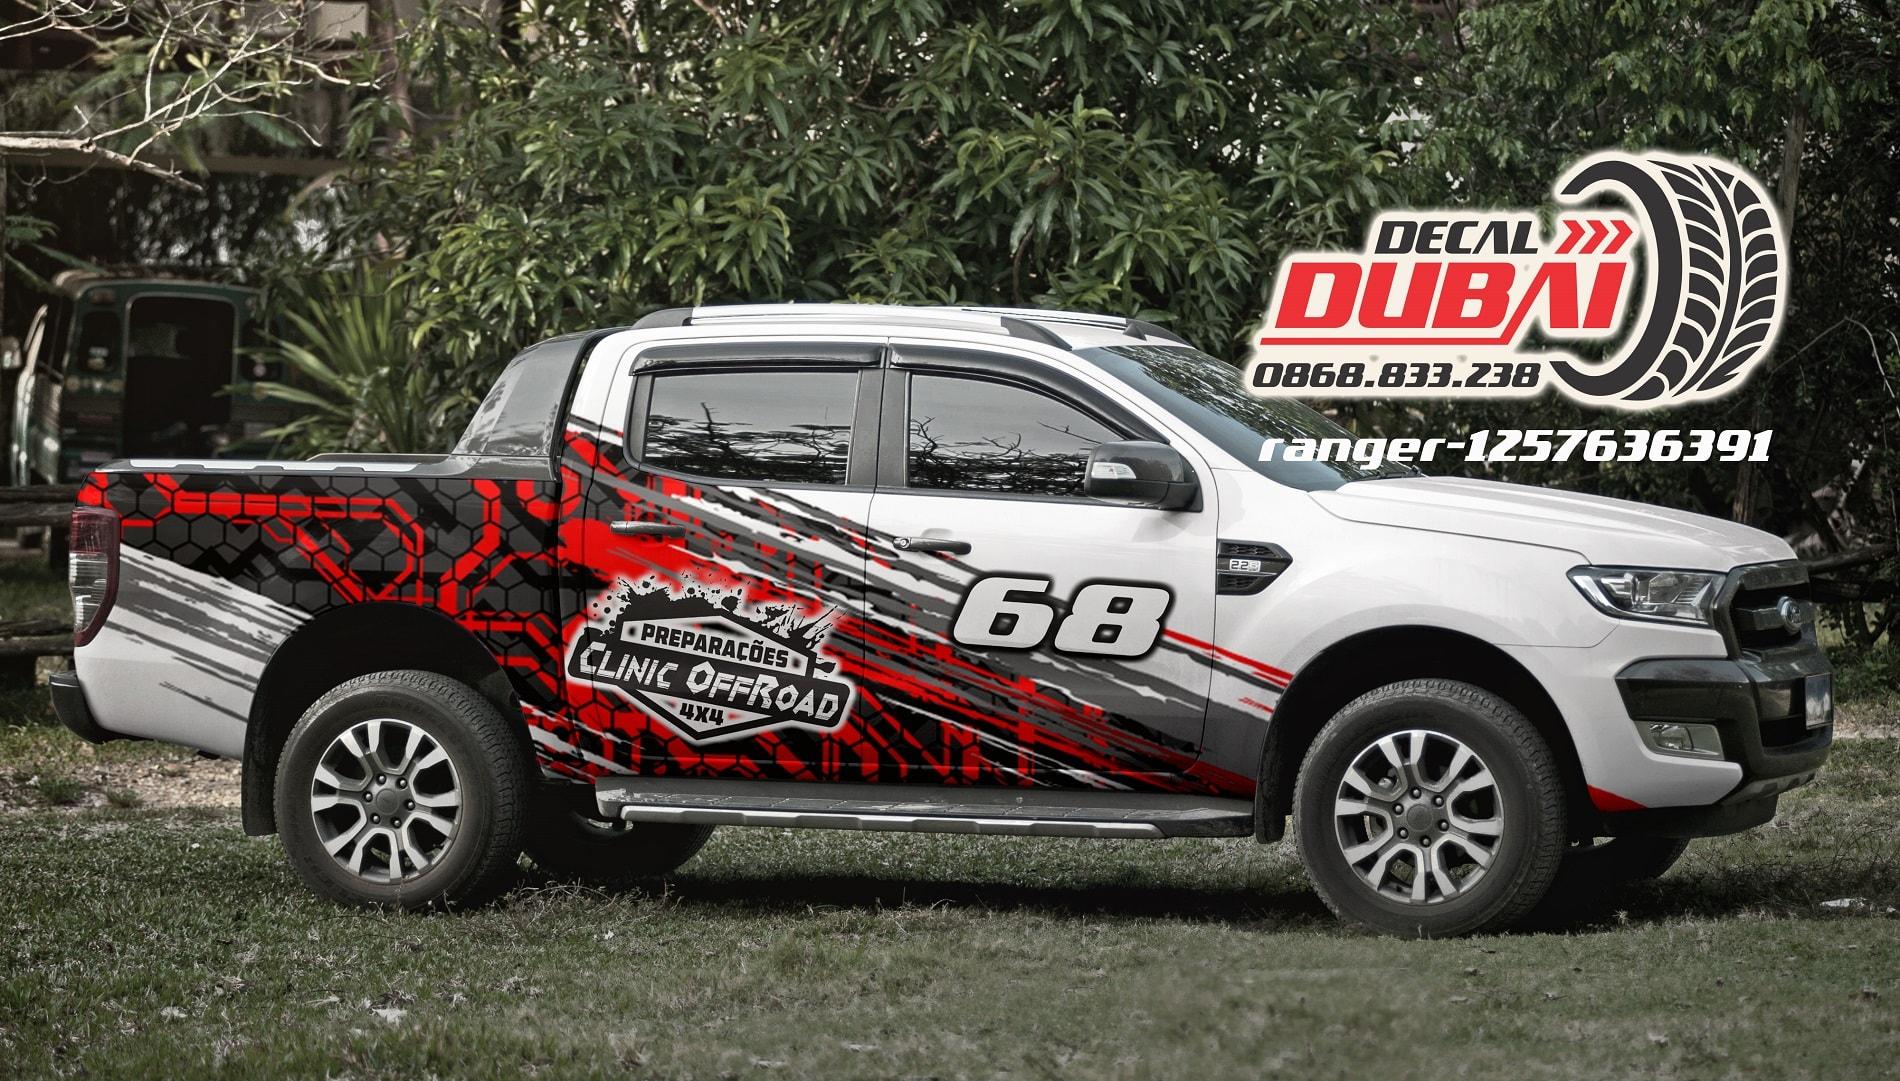 Tem-xe-ranger-1257636391-2300k